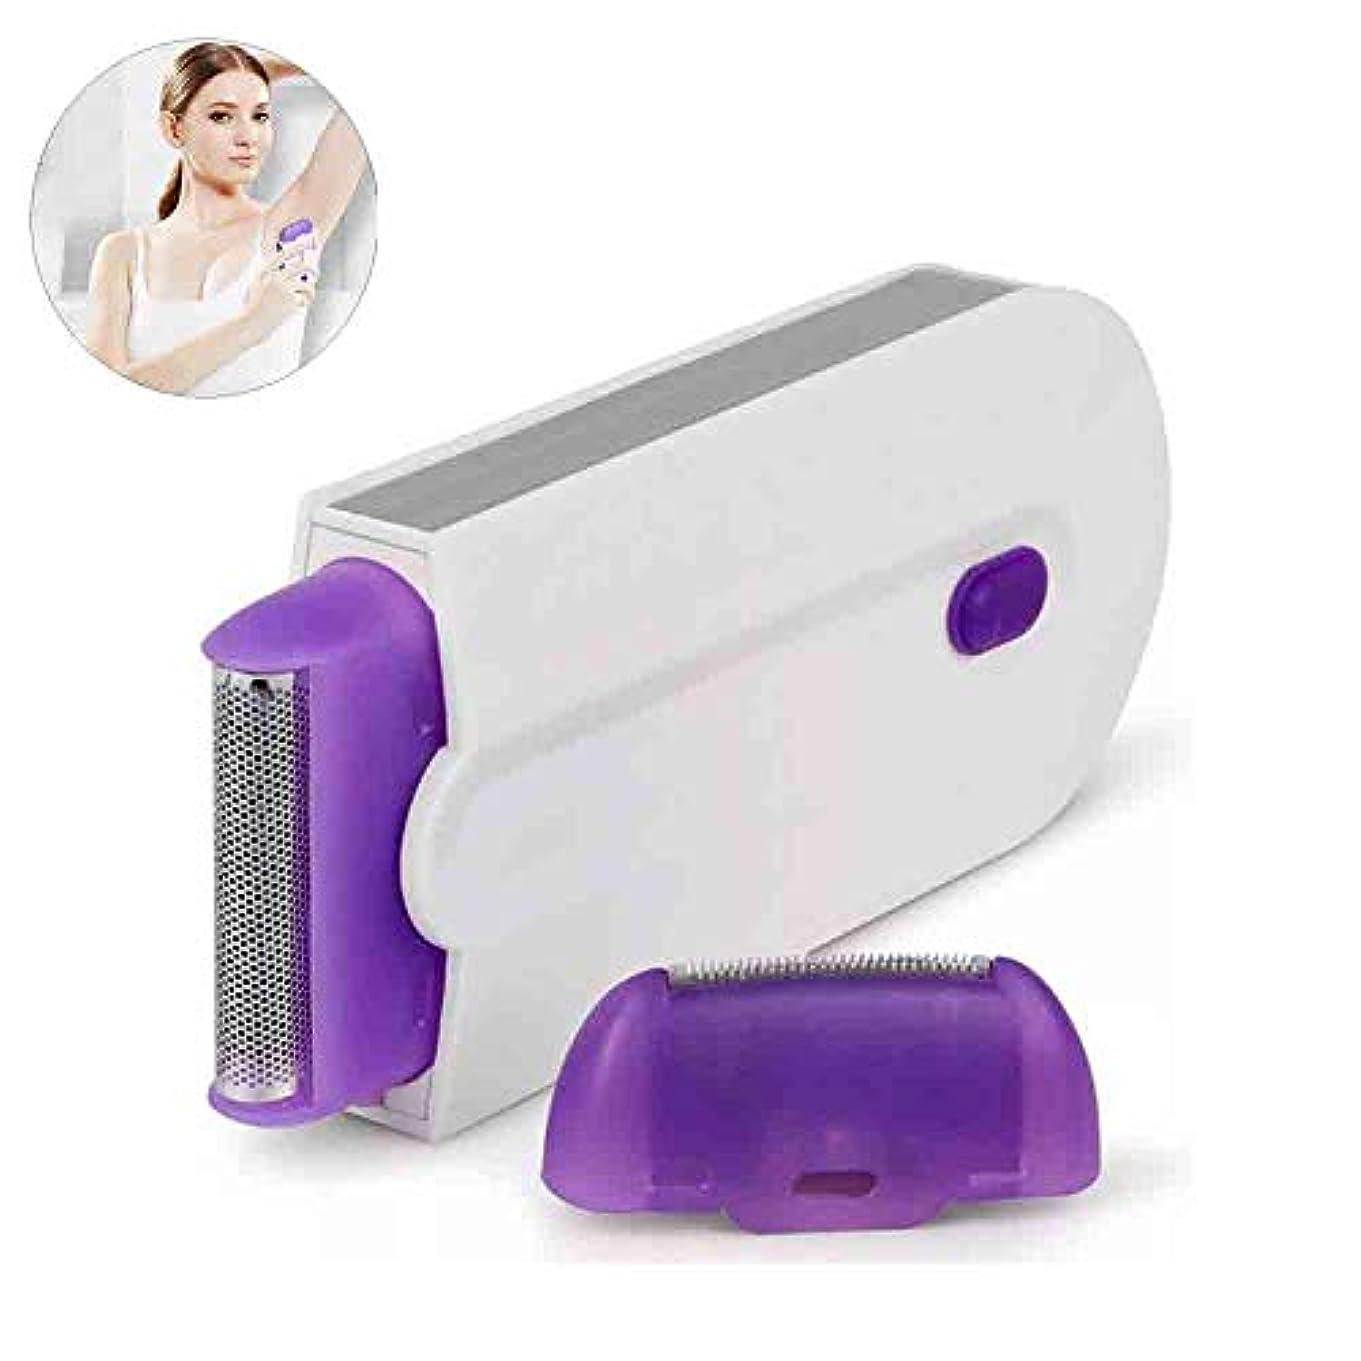 超えてボットなんでも電気シェーバー、USB 充電誘導の女性の摘採装置、レーザー脱毛